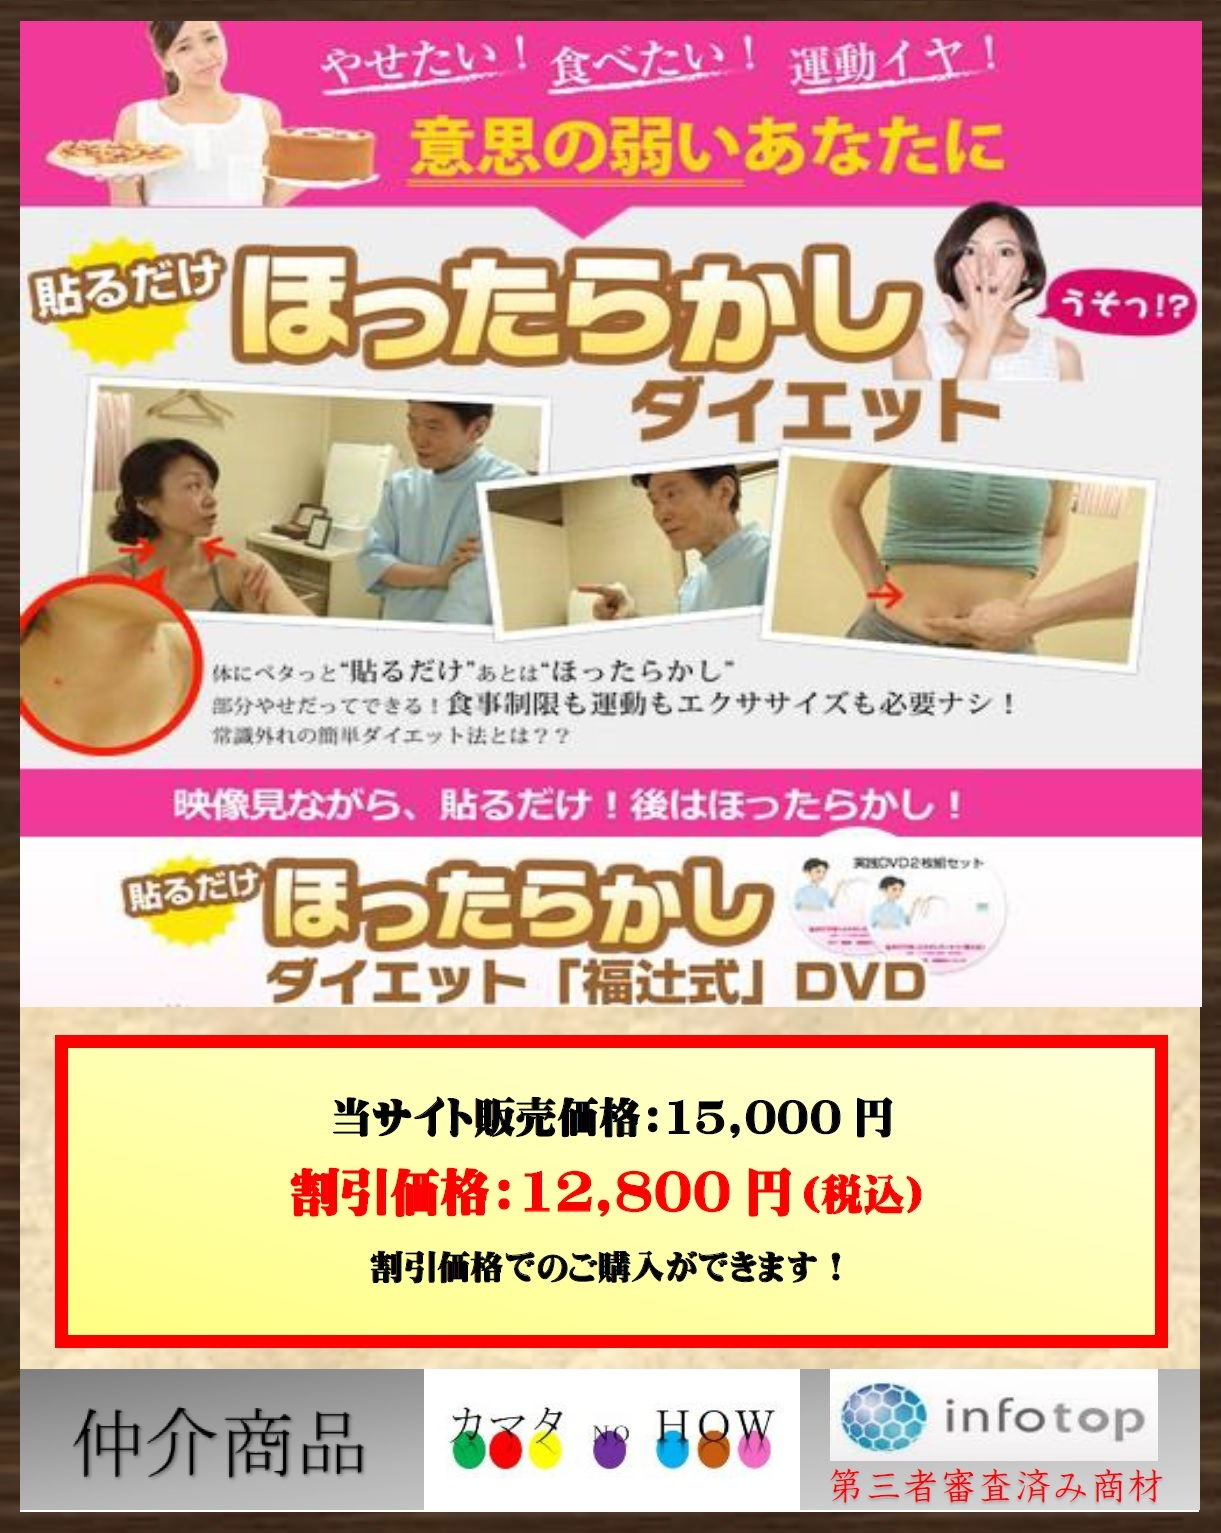 ほったらかしダイエット「福辻式」DVD